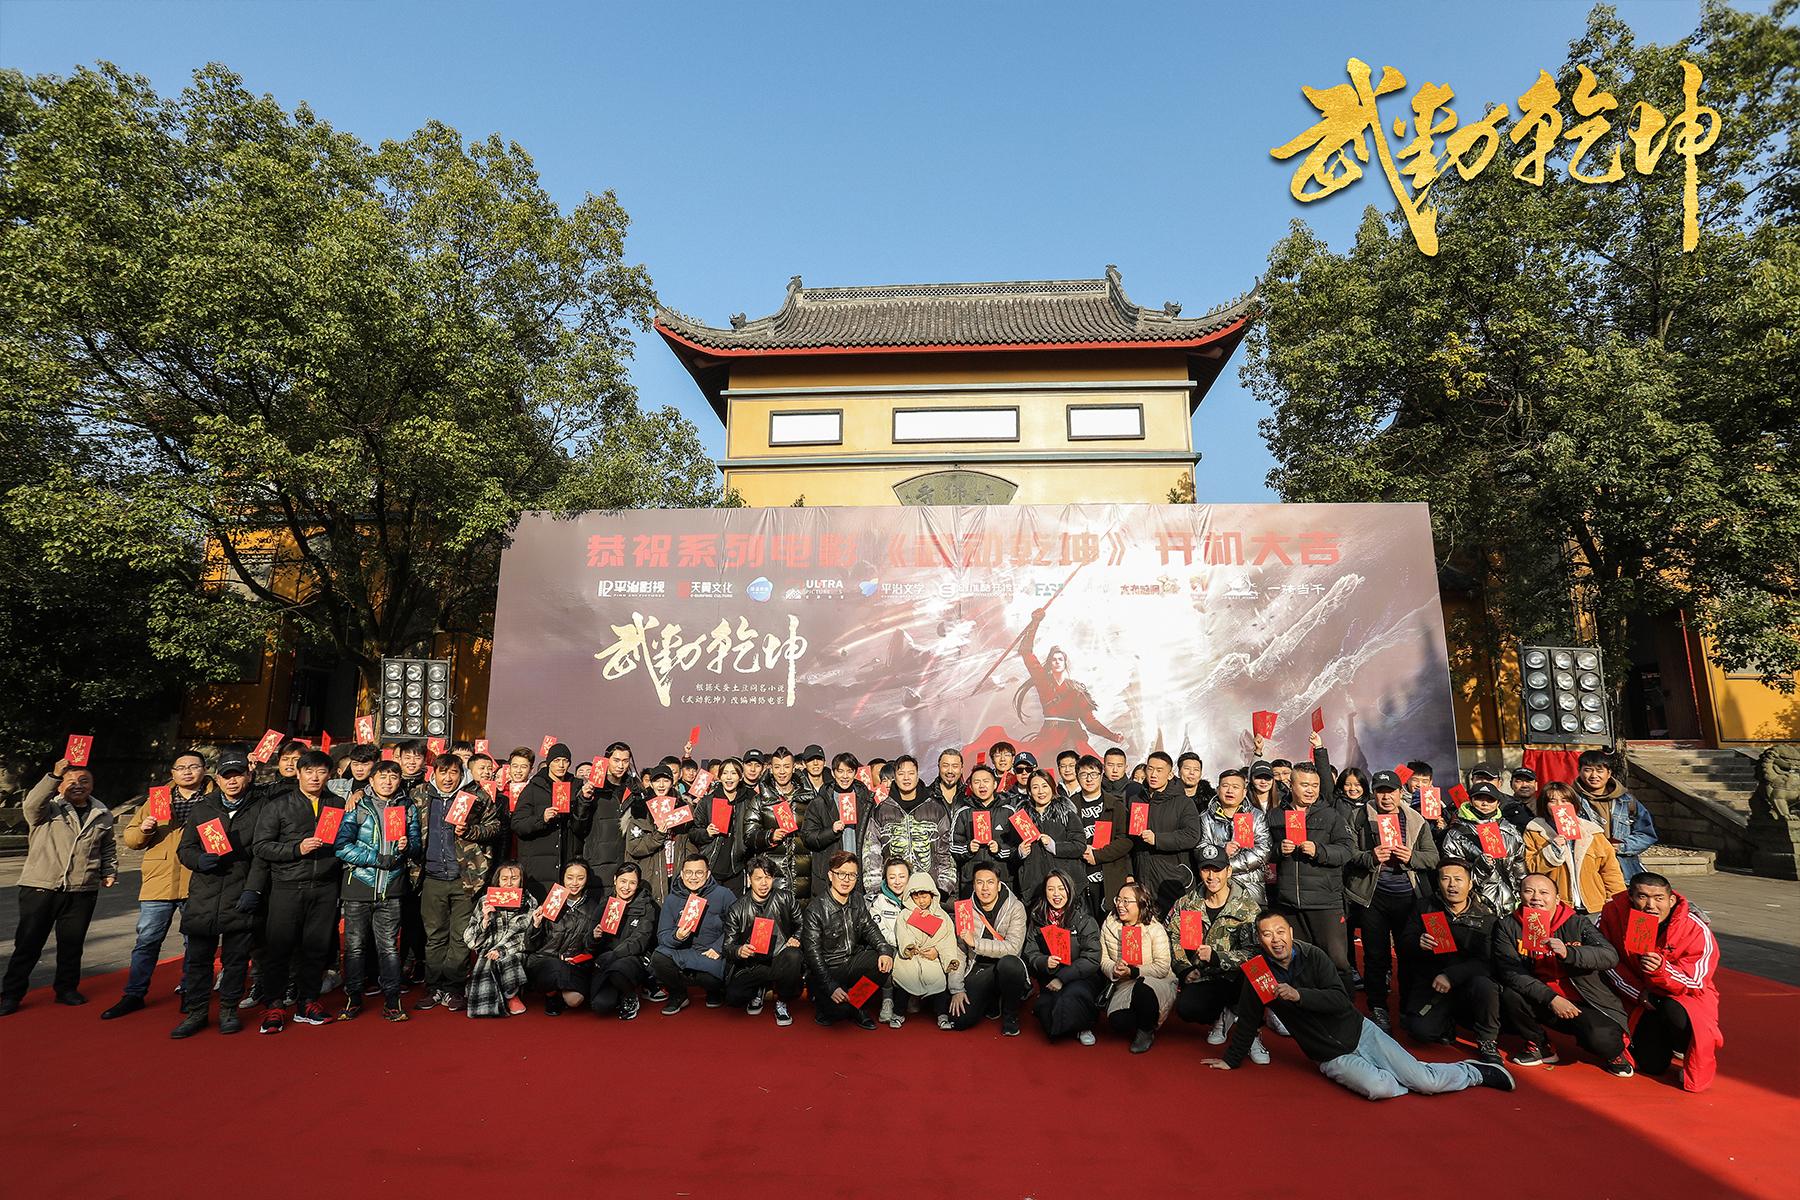 12月4日《武动乾坤》系列网络电影在横店顺利开机